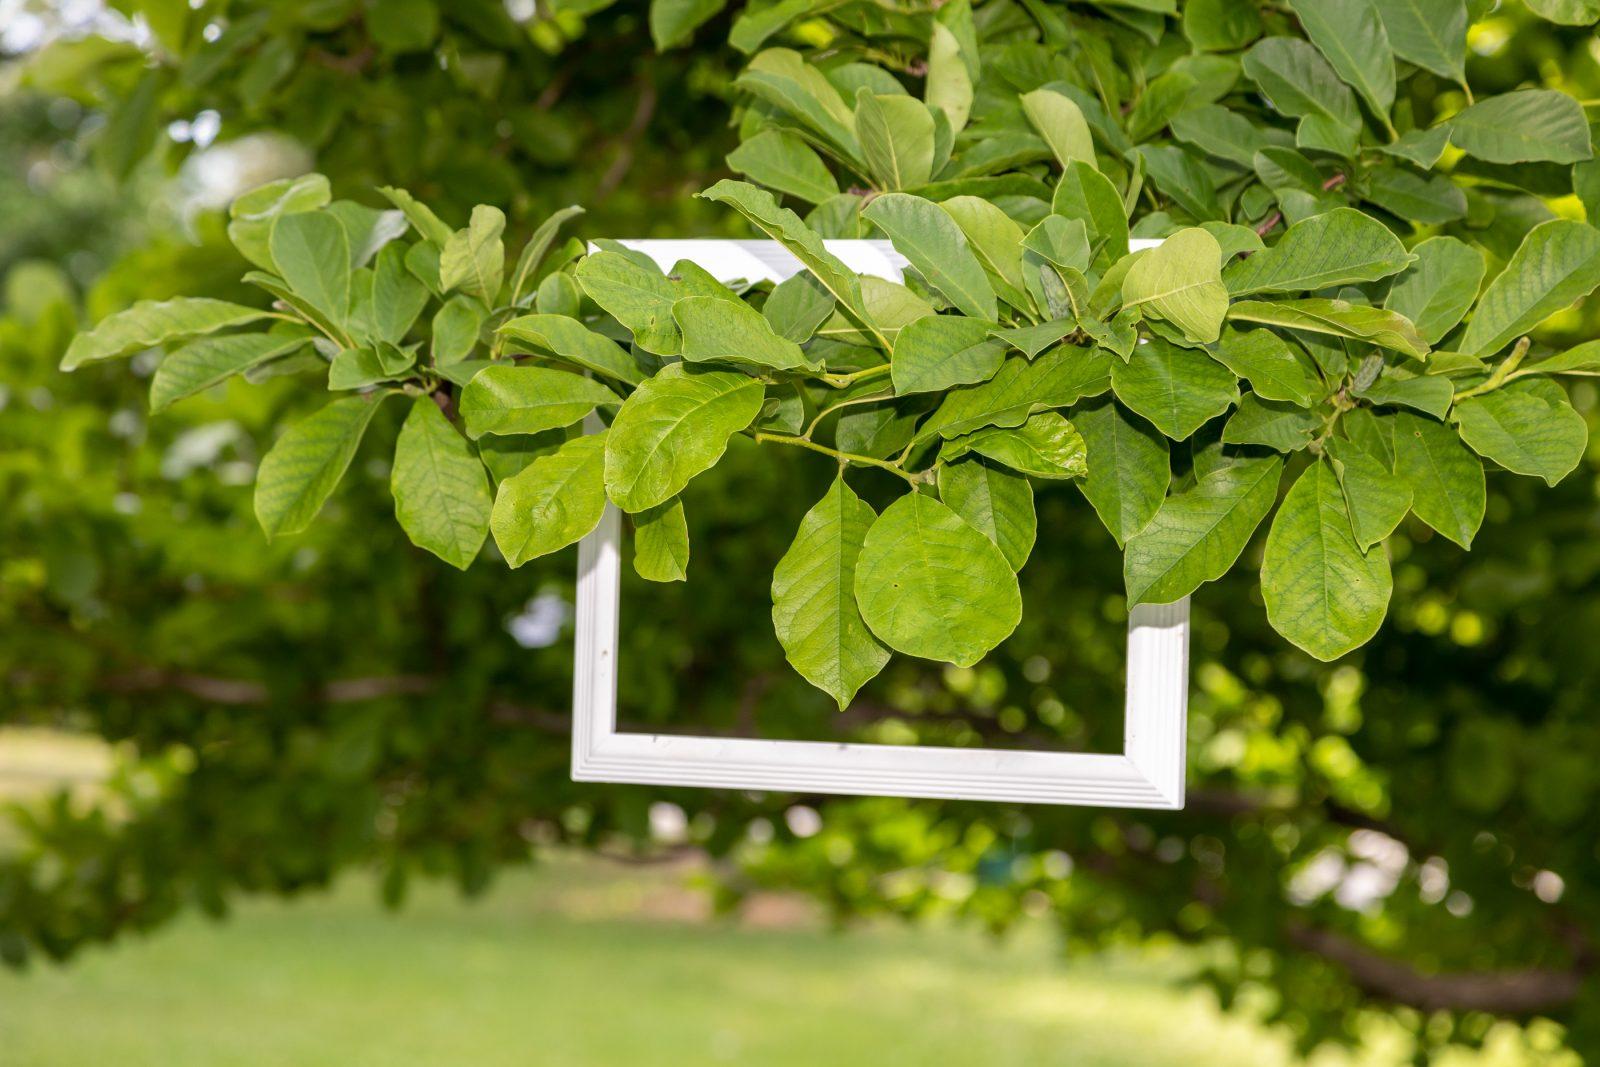 La nature près de chez vous sera au parc des étangs Antoine-Charlebois les 10 et 11 juillet prochains!